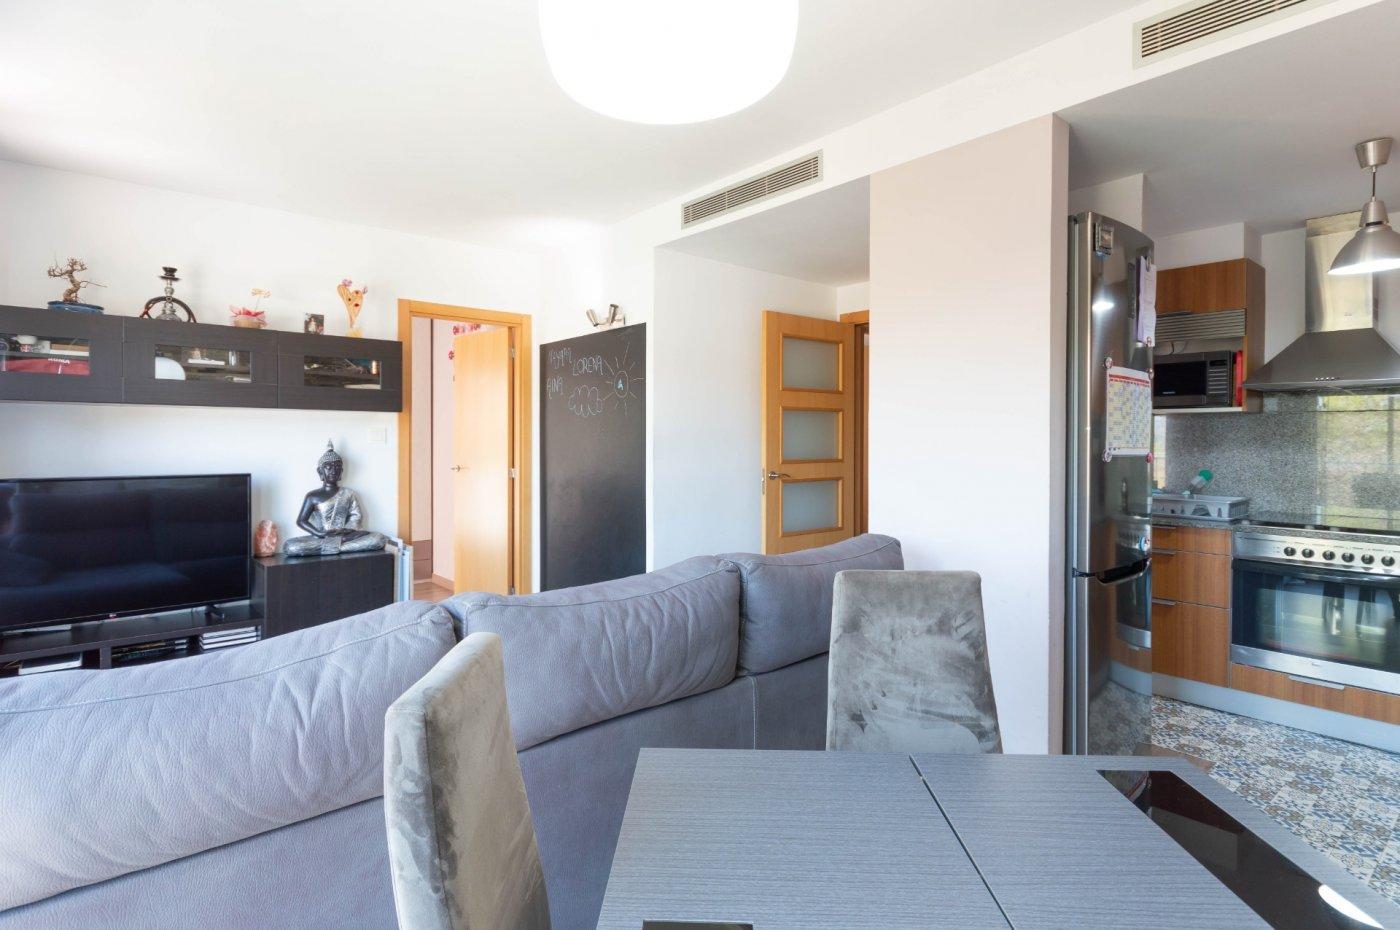 Piso de 50 m² en st. andreu de la b. zona raval de corbera. 2 hab., 1 baño, parking y tras - imagenInmueble1